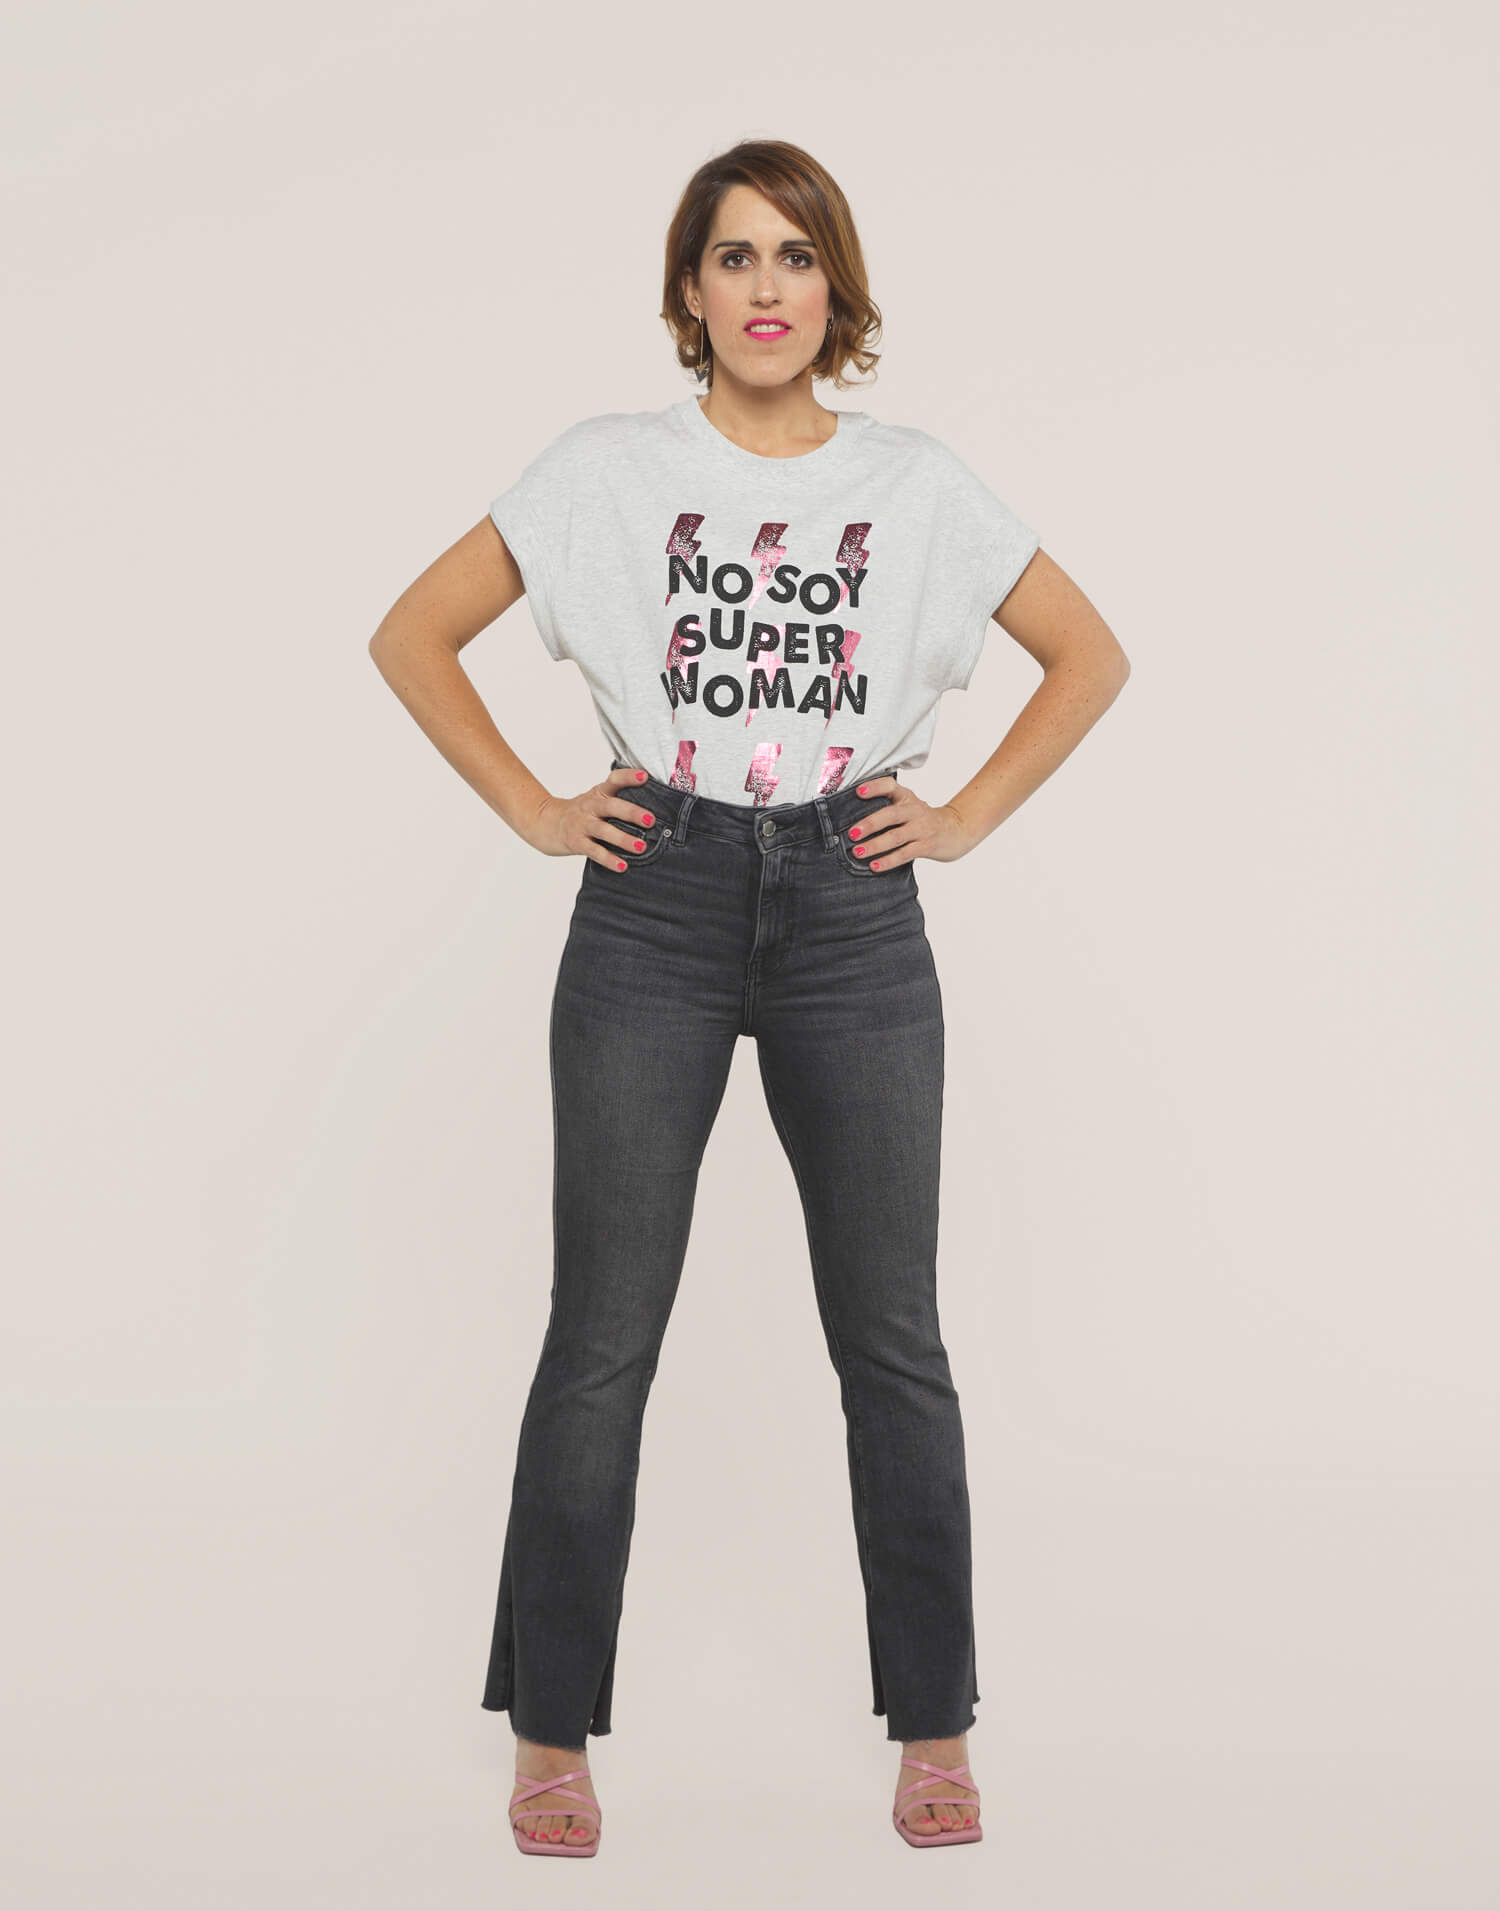 Camiseta rayos No Soy Superwoman ni quiero serlo